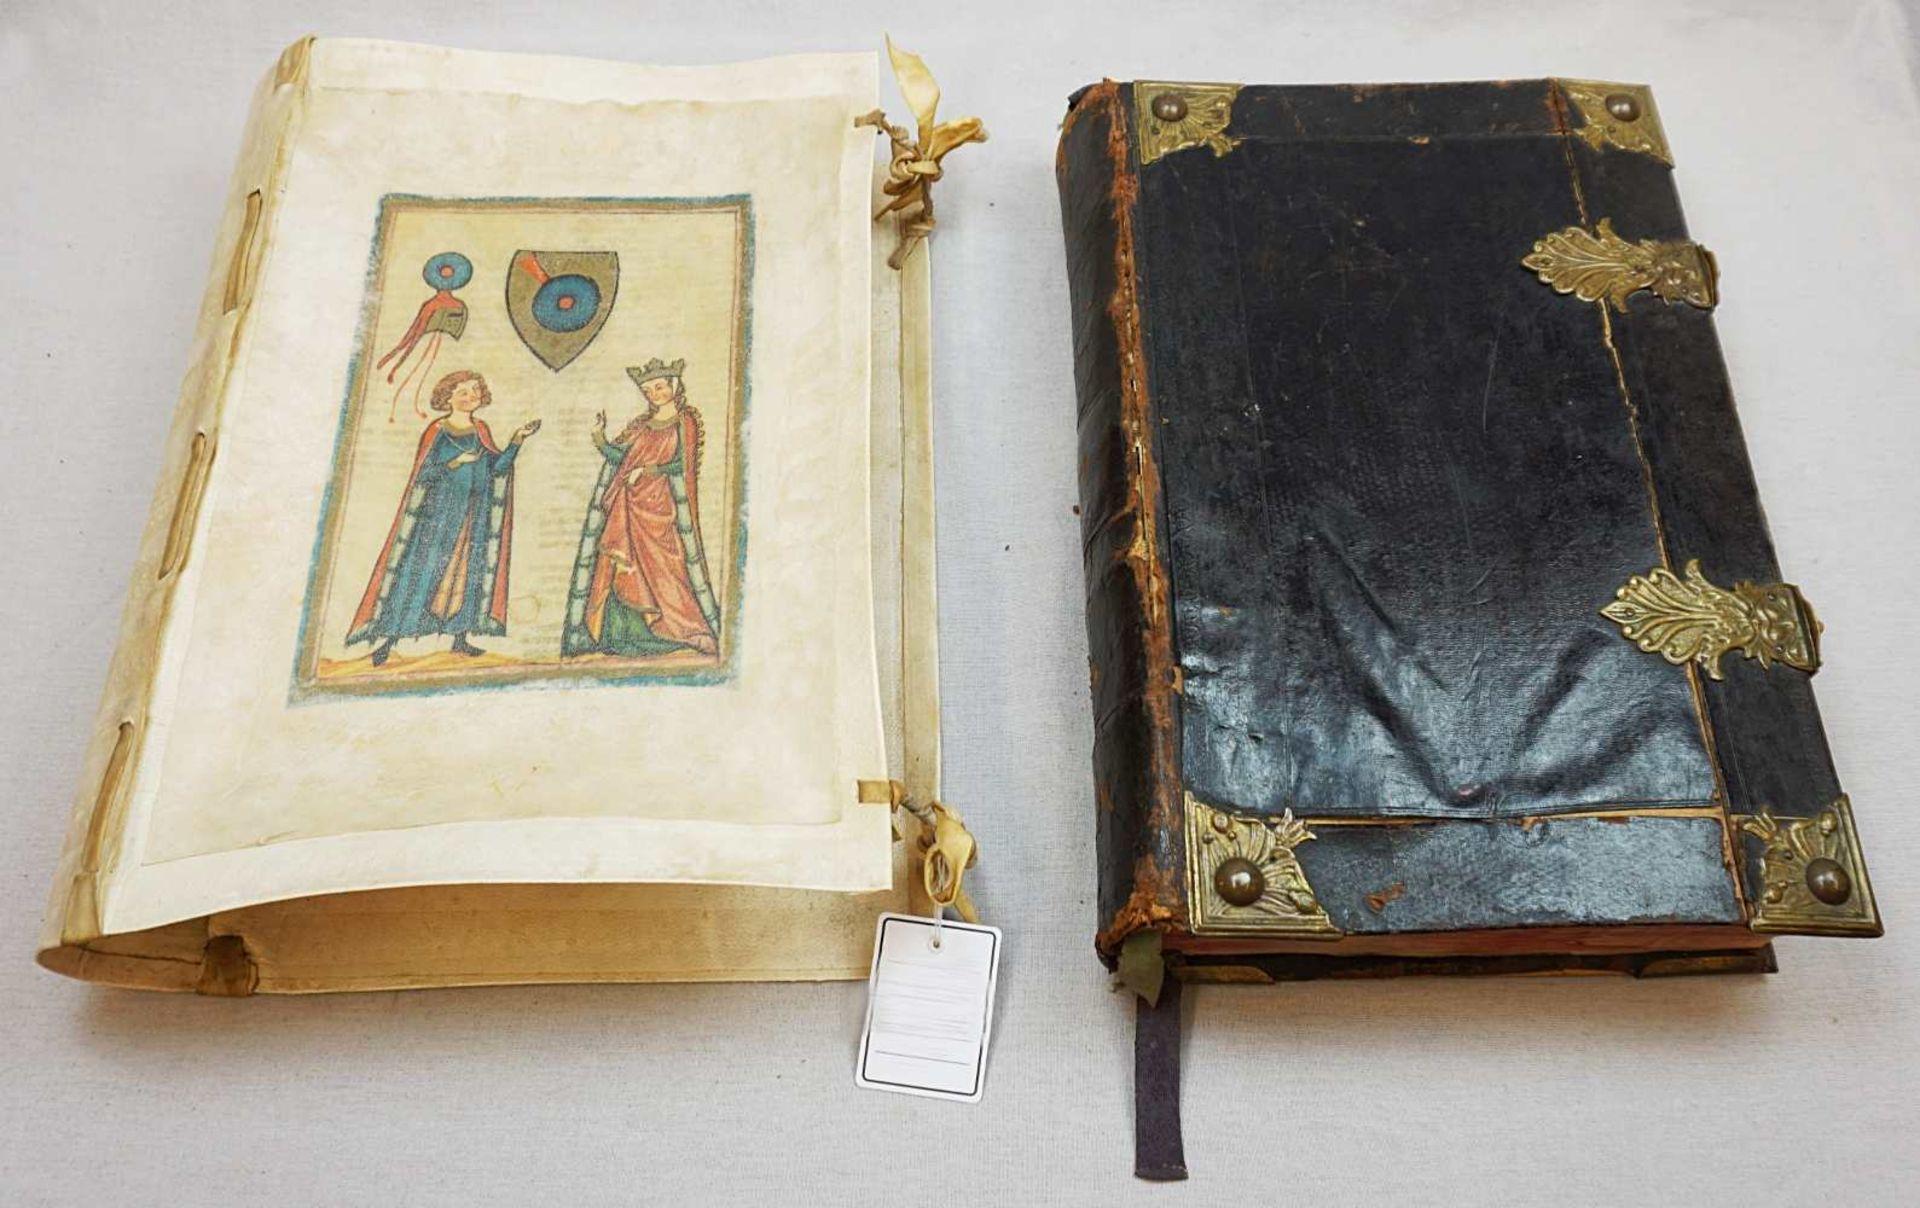 """1 Buch """"Missale Romano-Moguntinum ... D. Philippi Caroli"""" dat. 1742 mit Kupferstichen"""